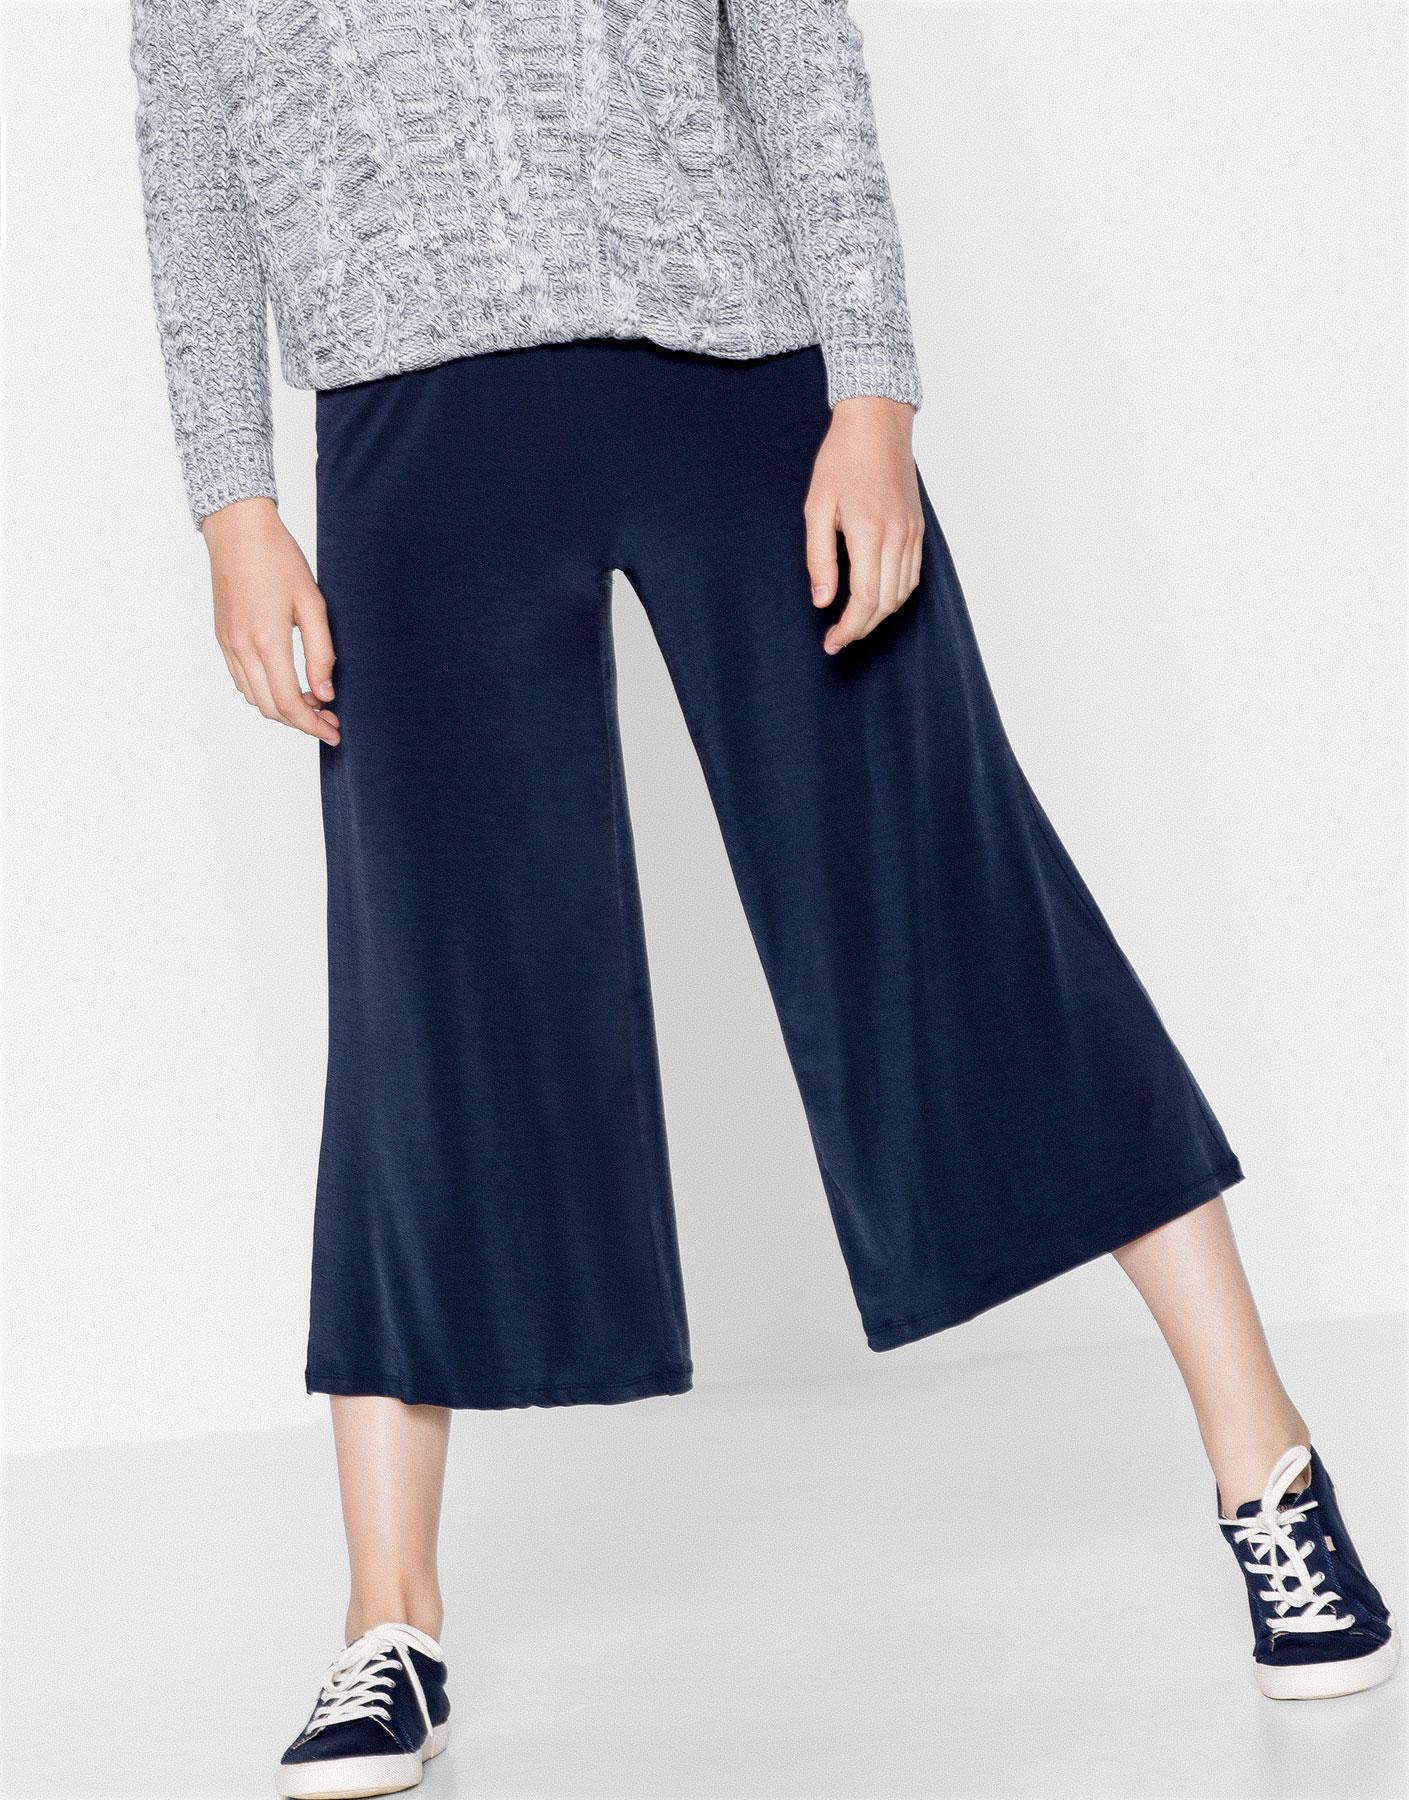 Shiny culottes